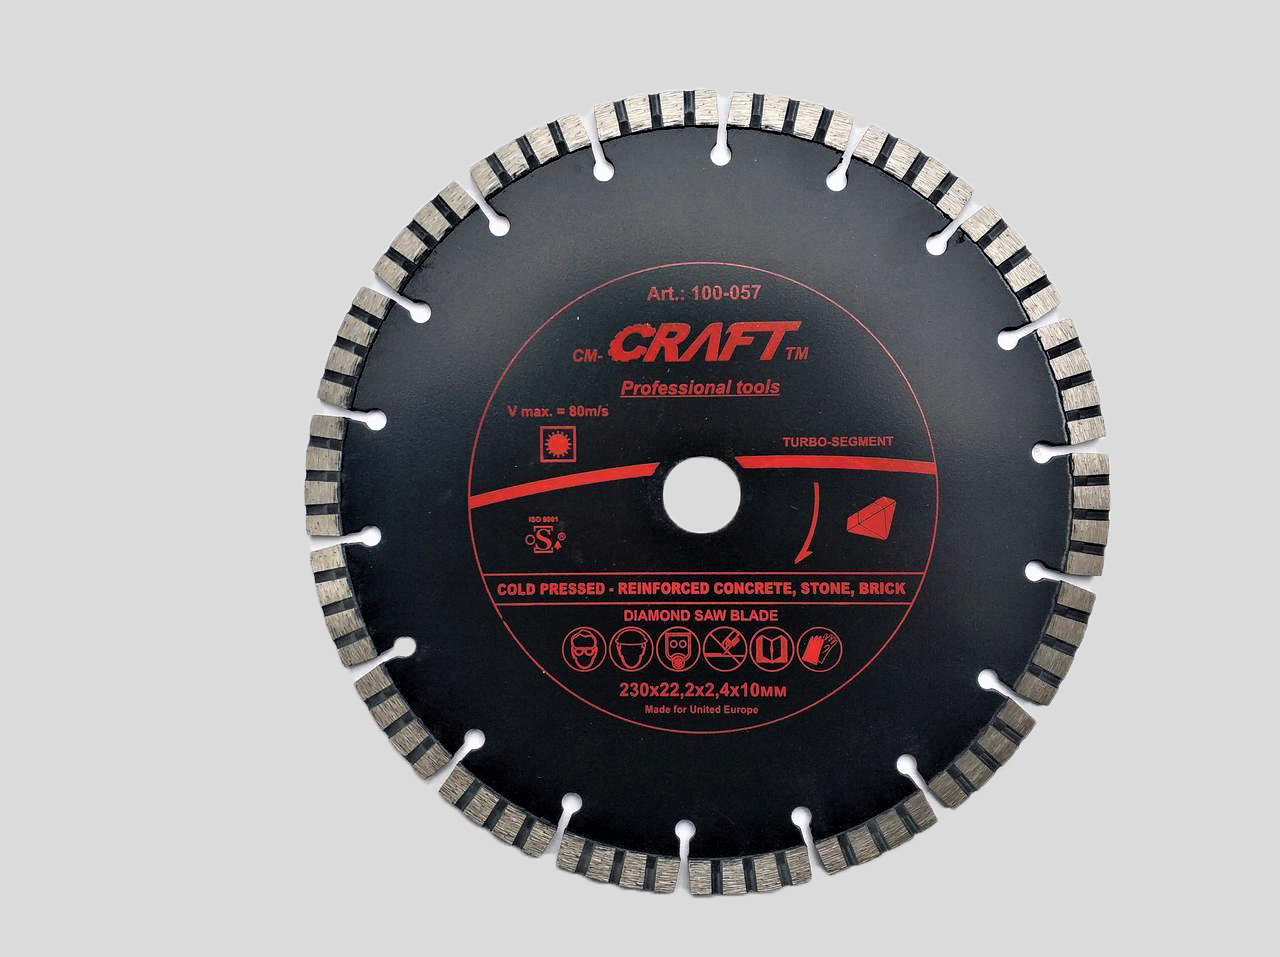 57 Диск алм. Craft  універсальний  turbo segment 230*22.2*2,4*10мм - сухе різання арм.бетону